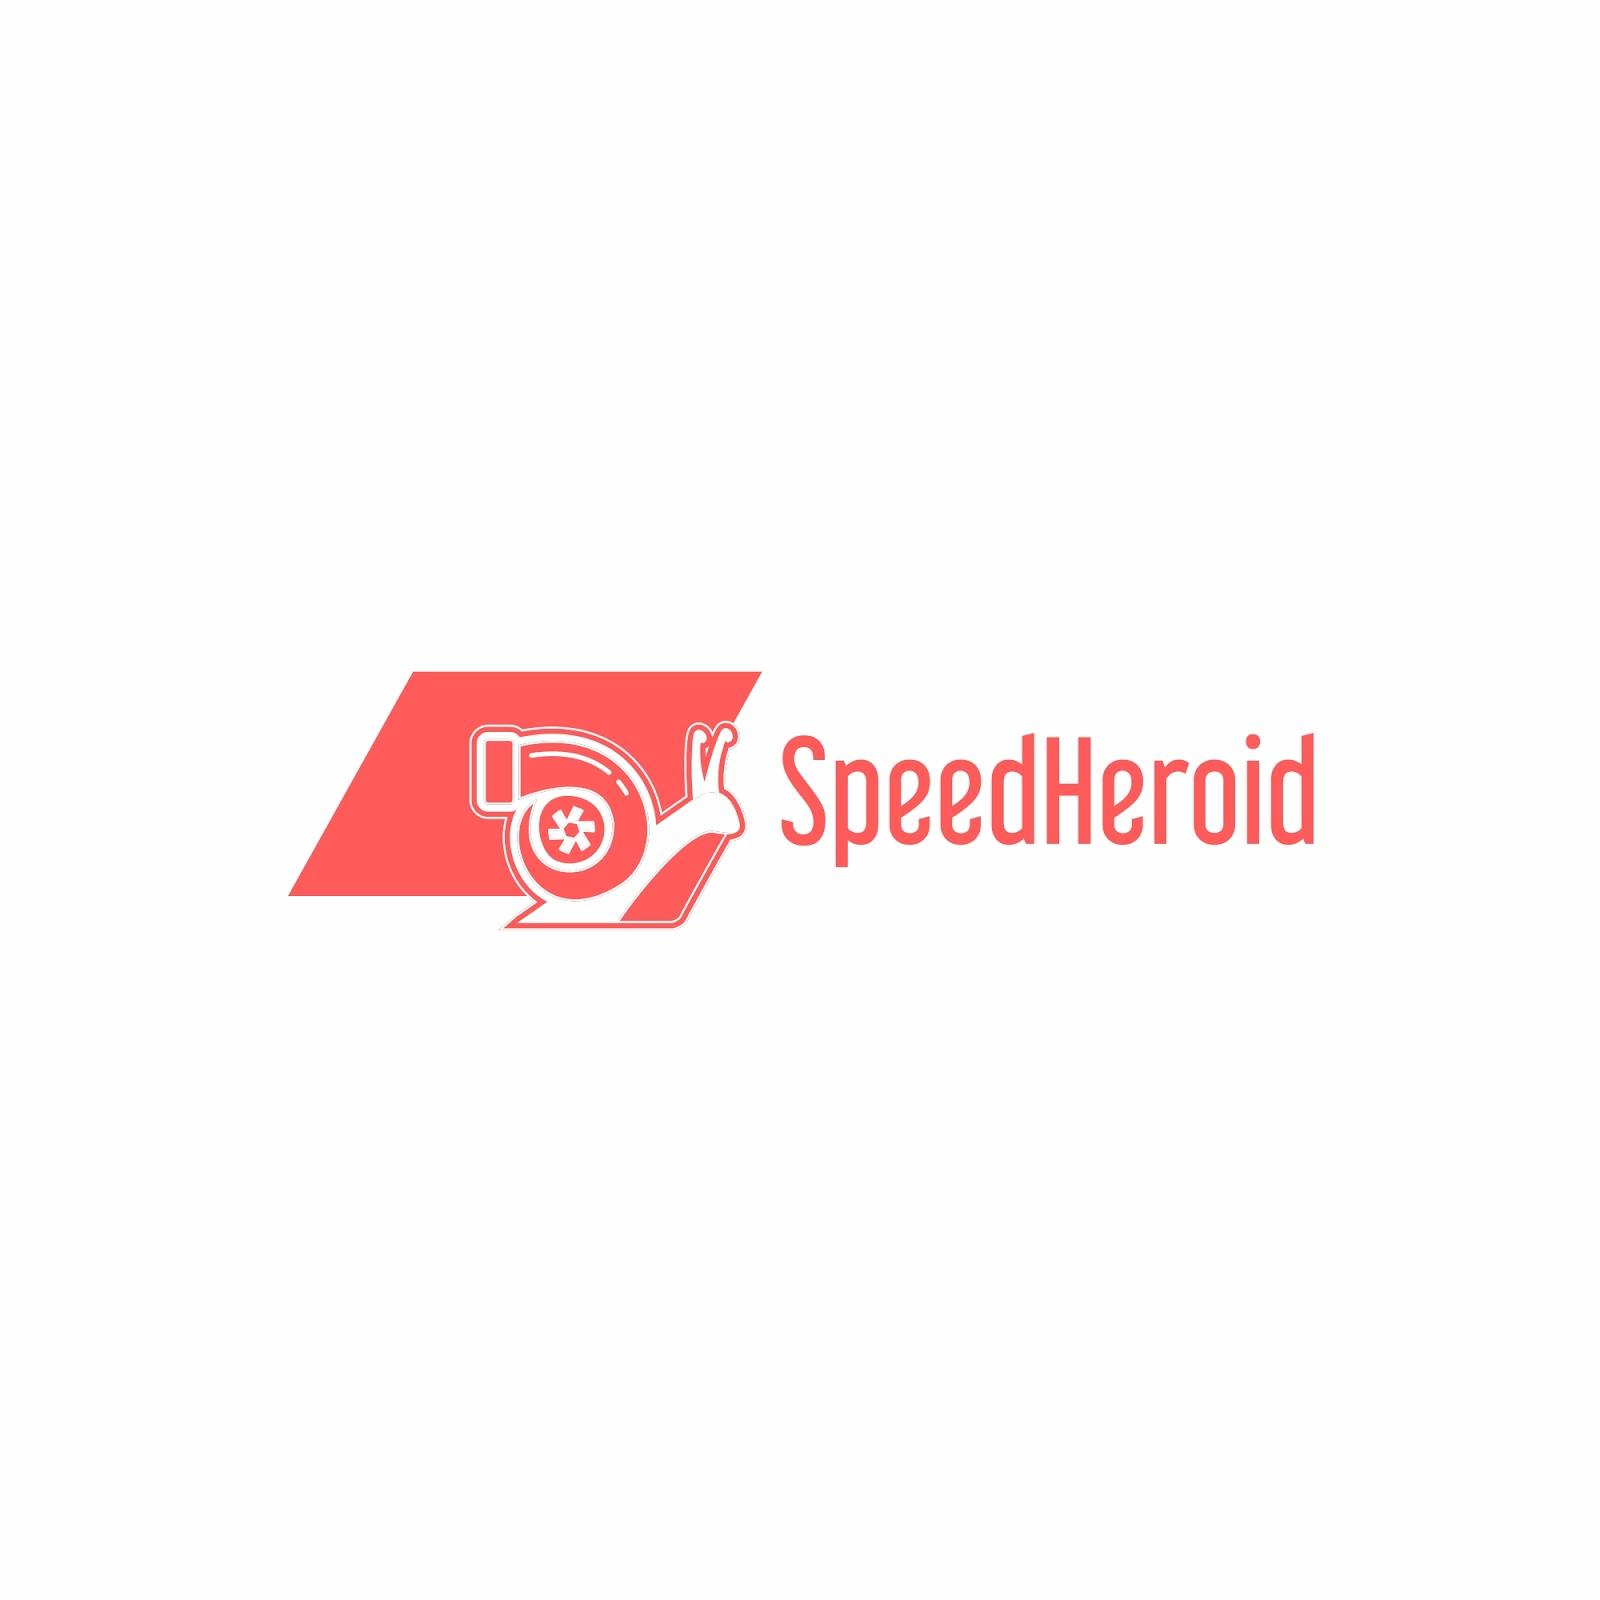 speedheroid